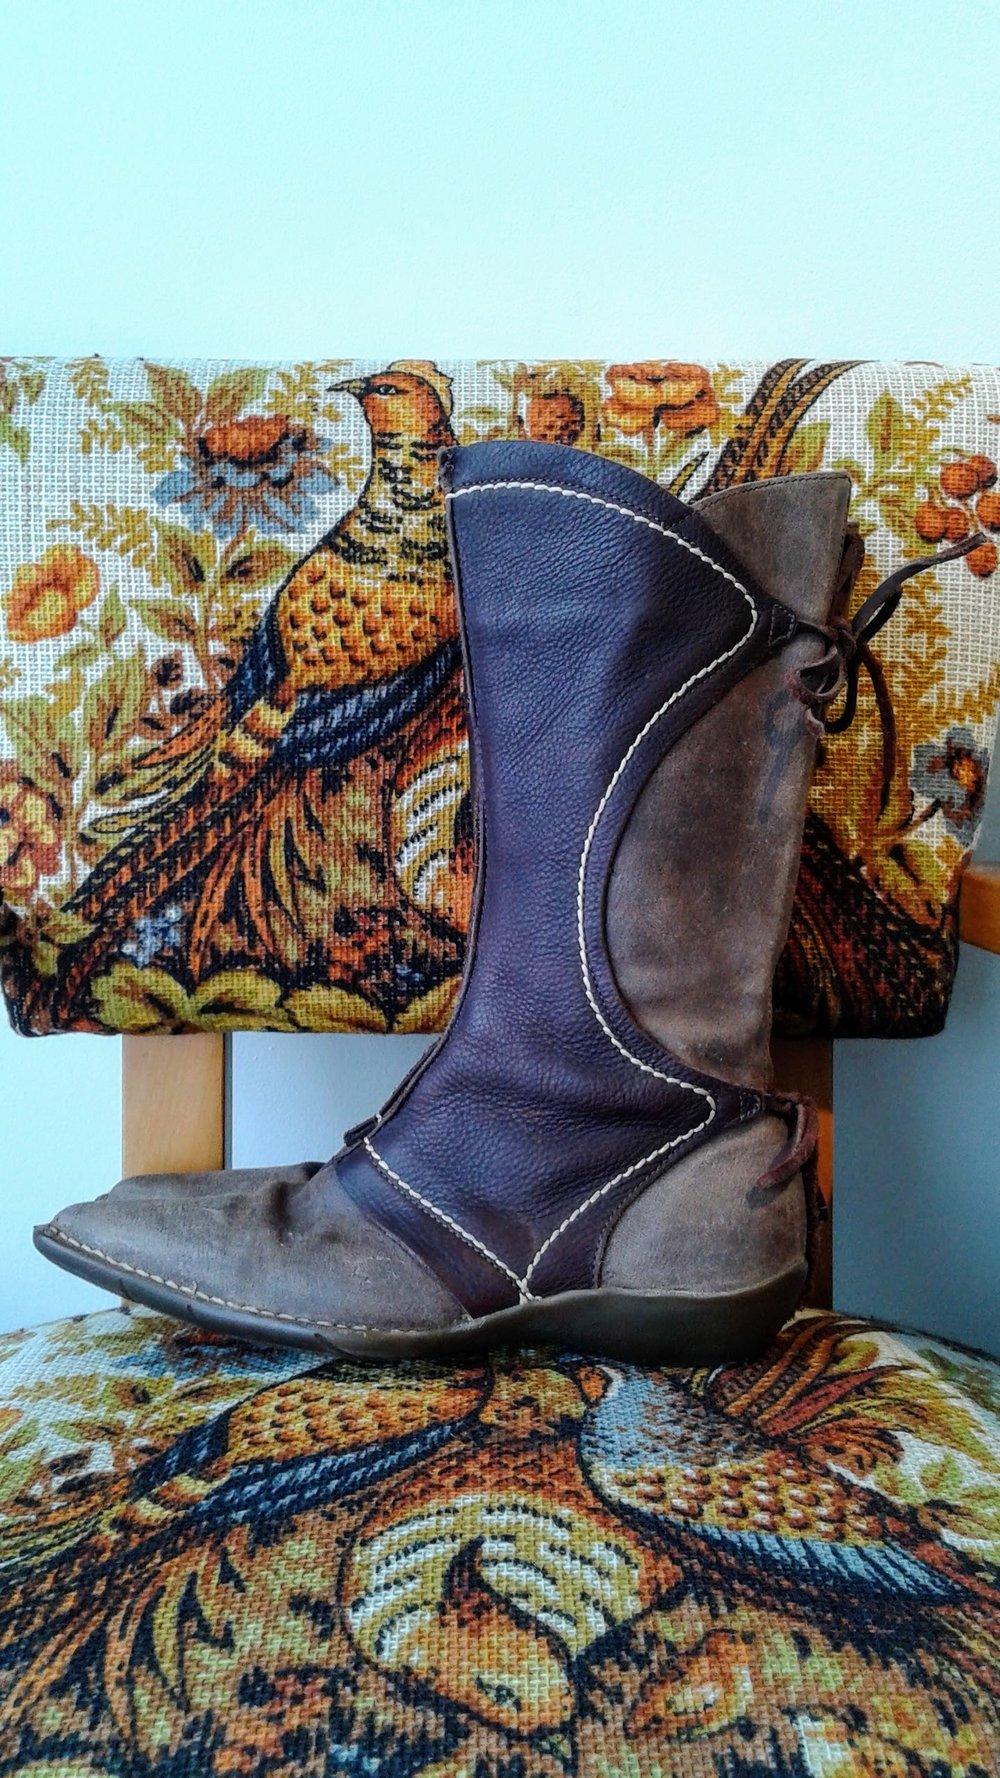 El Naturalista boots; Size 6, $48